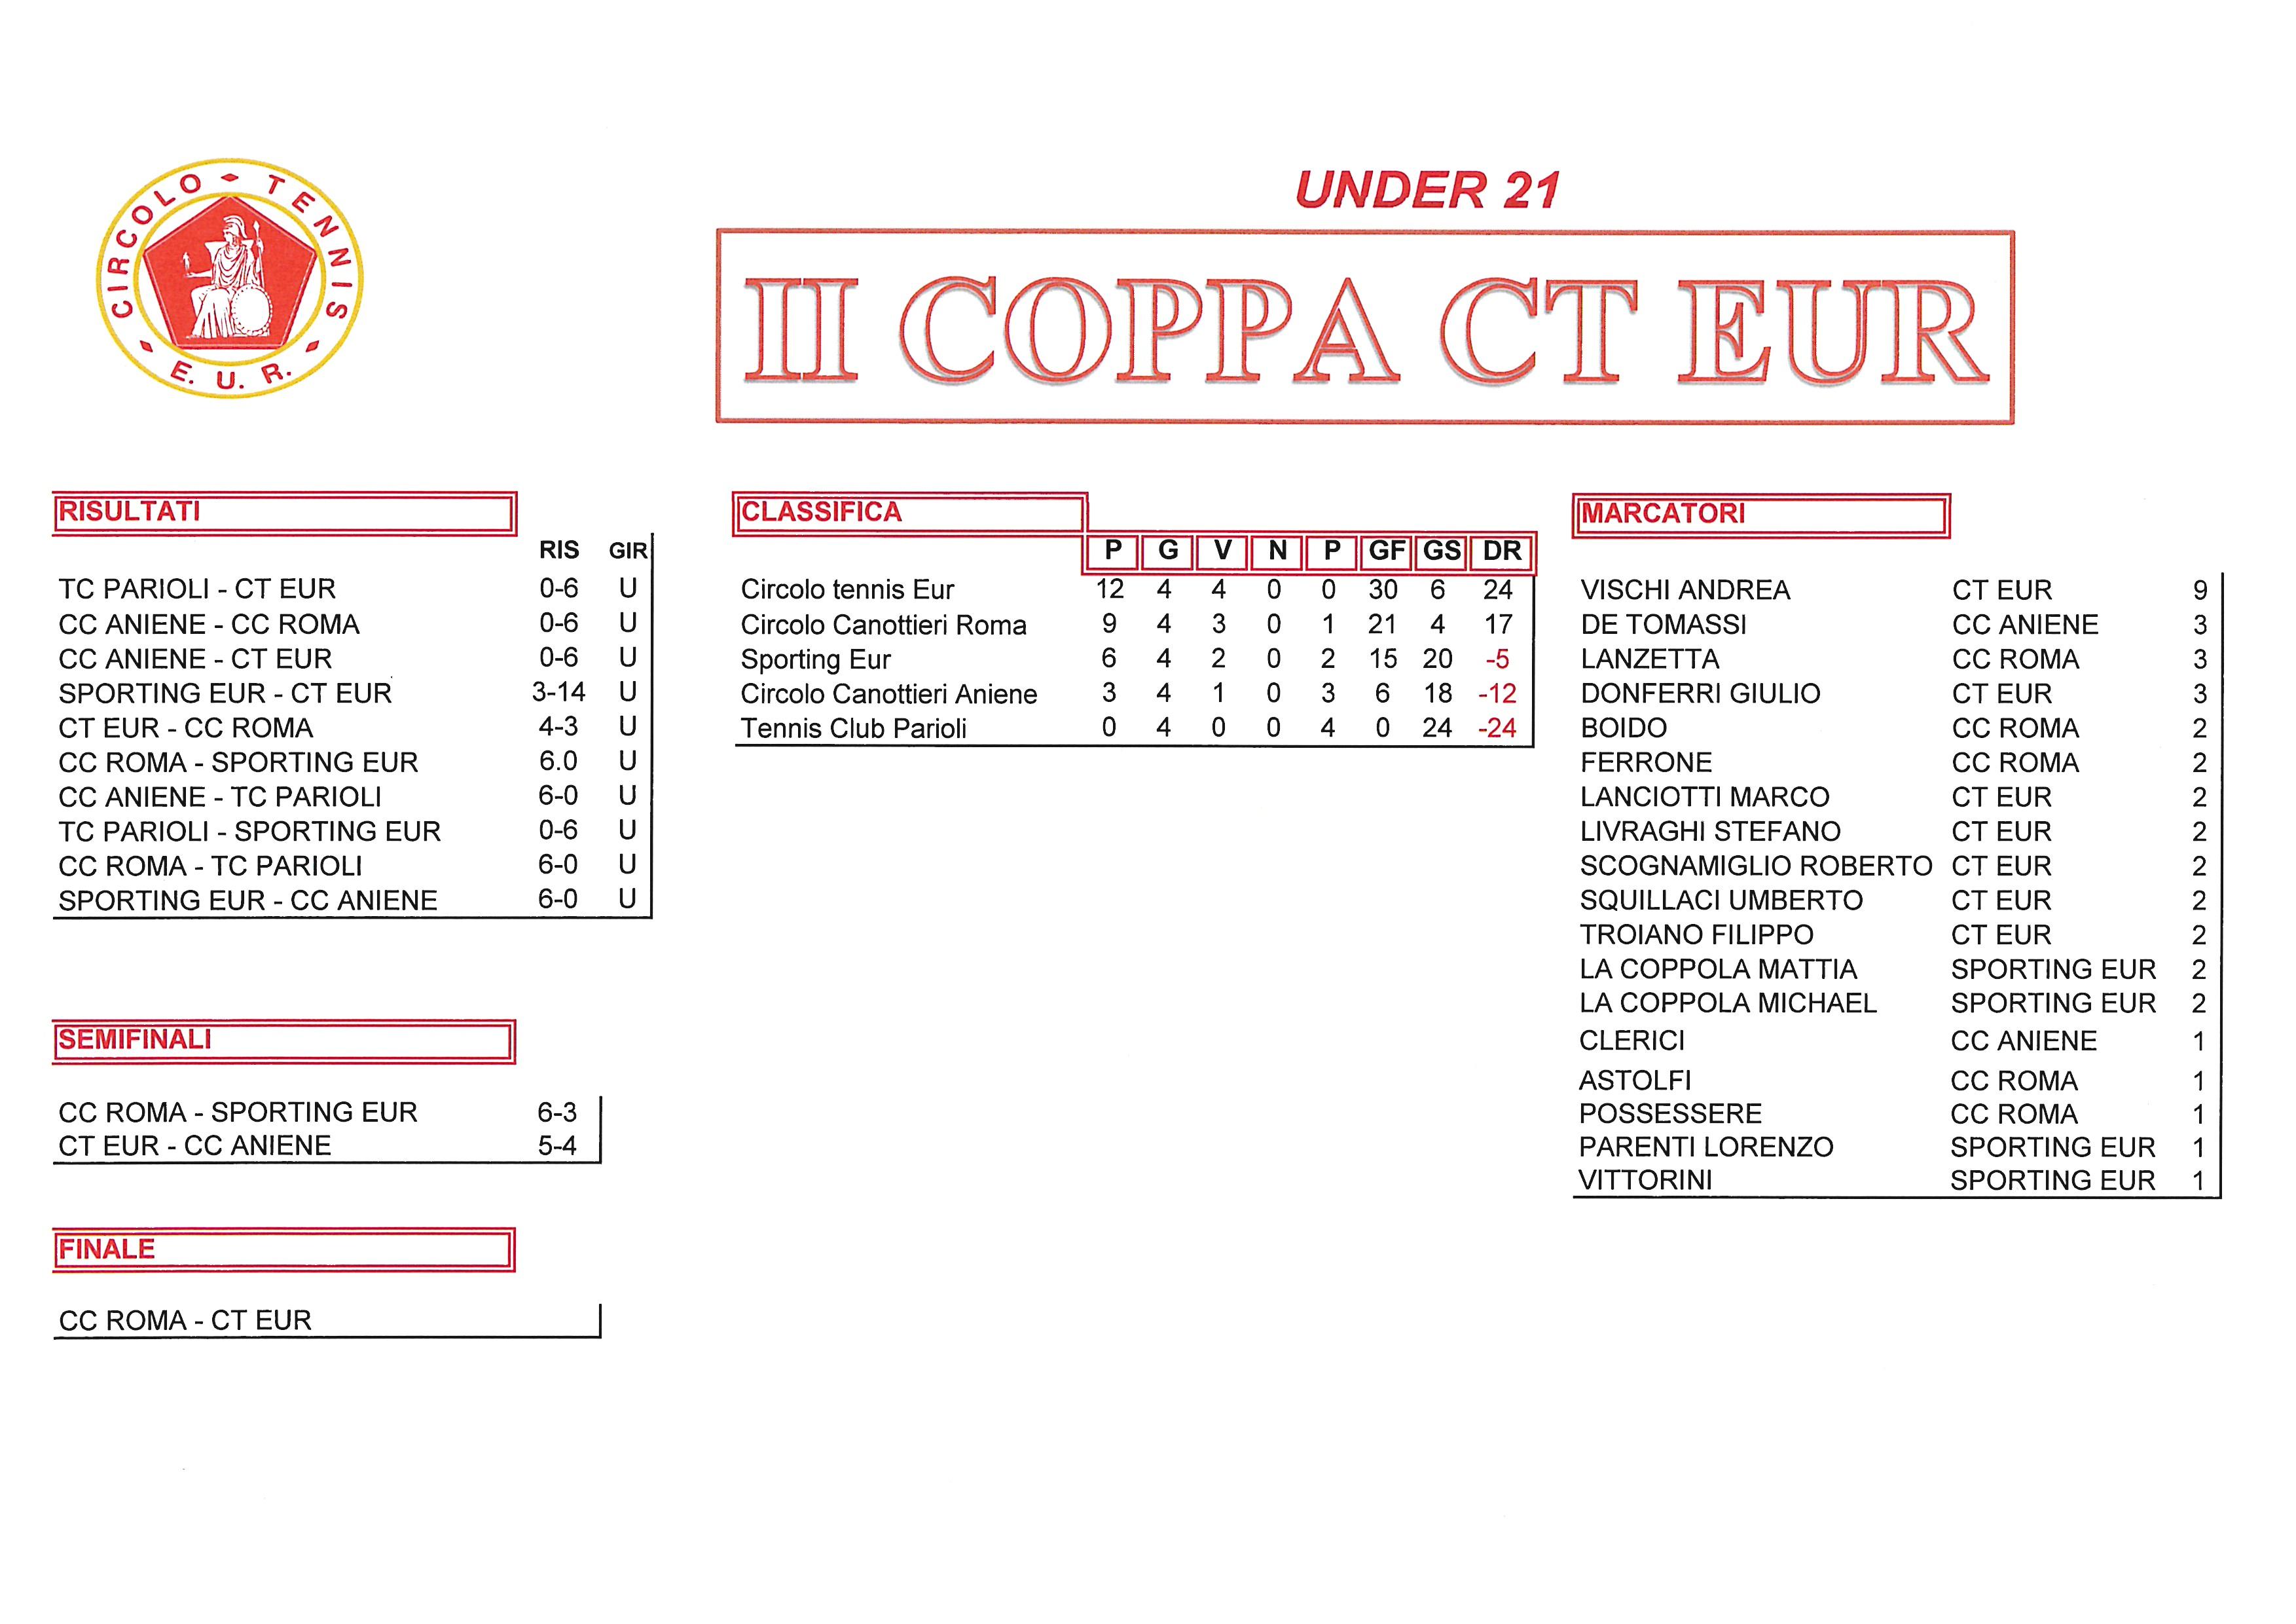 Coppa CT Eur risultati del 12 ottobre 2017 Under 21